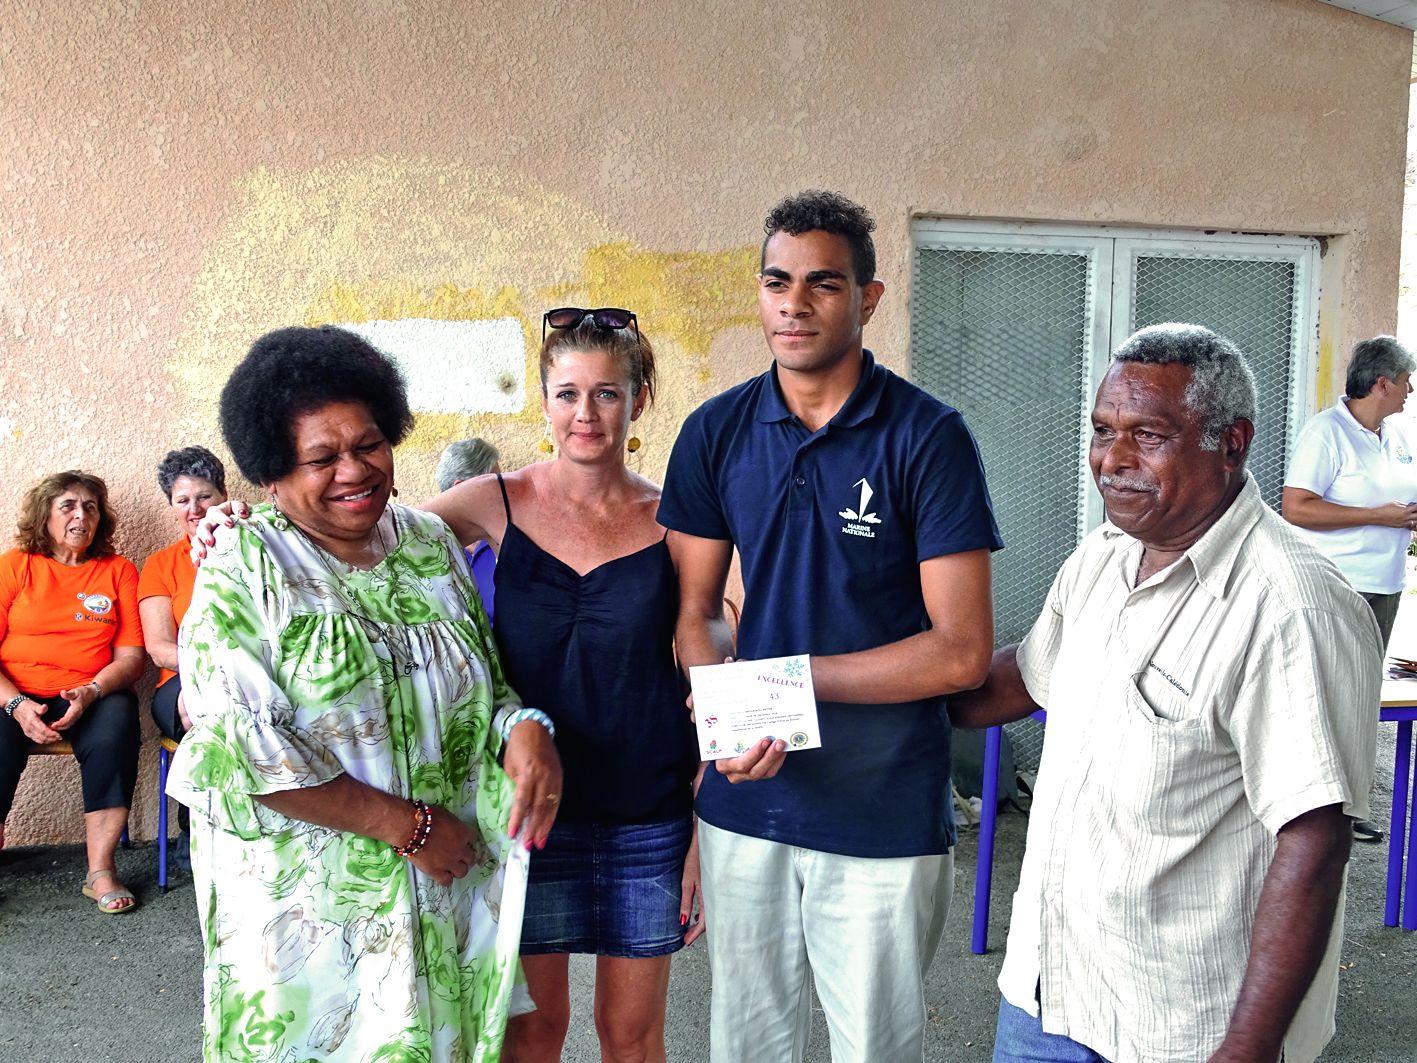 Le jeune Peter Moueaou en 3e Segpa, ici aux côtés de sa famille et d'Aude Lafleur, sa professeure principale, a été félicité par Brigitte Hainaut, la directrice, et l'équipe éducative pour ses bons résultats mais aussi pour sa future orientation en CAP sé